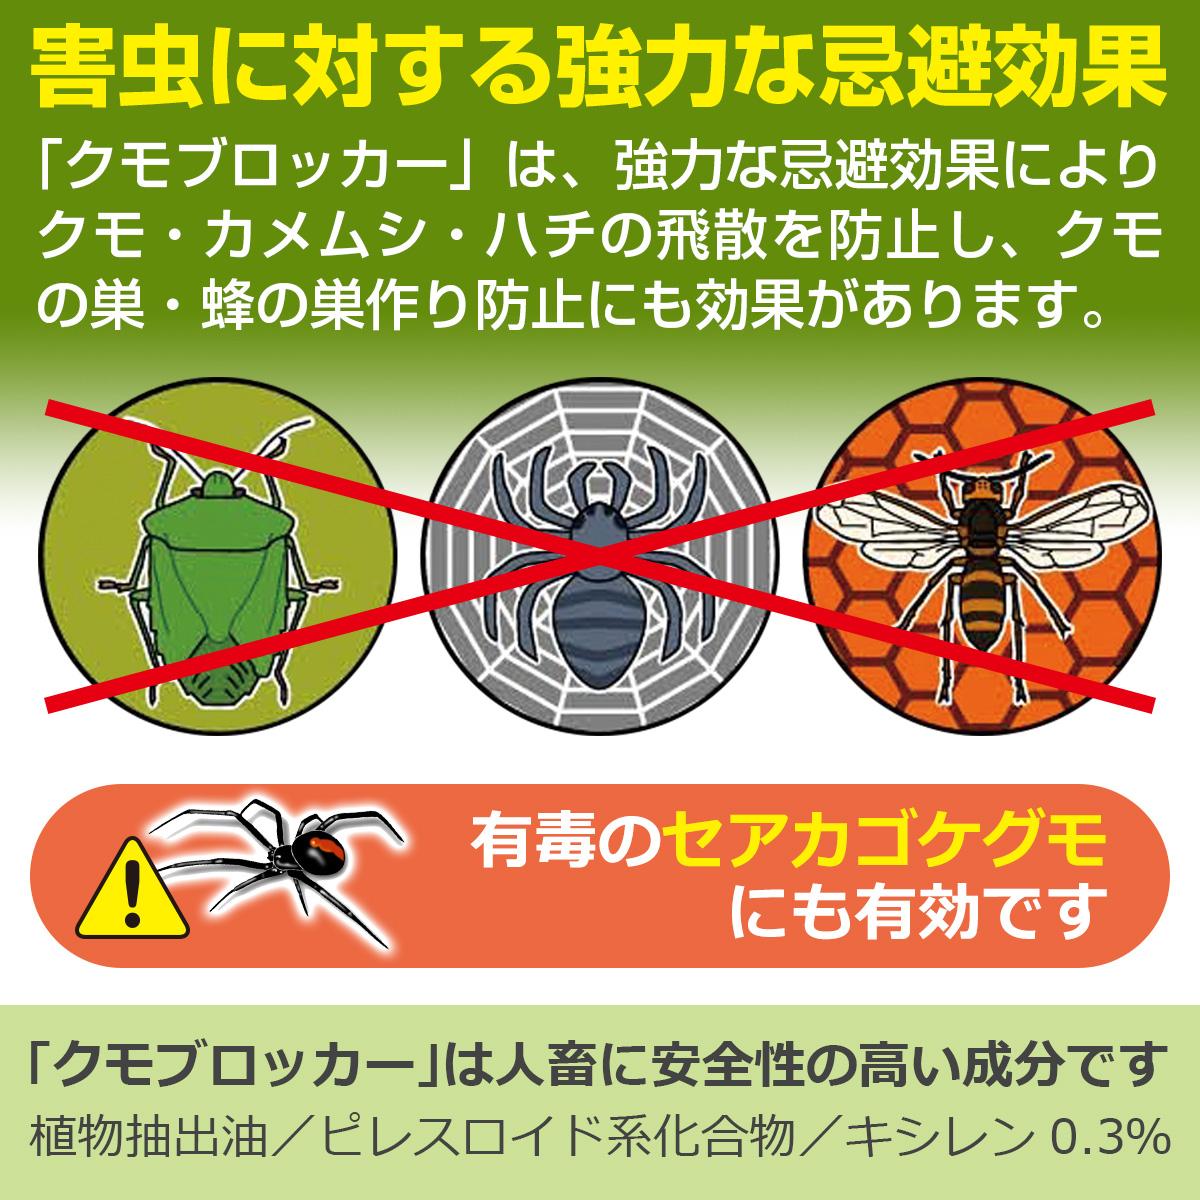 「クモブロッカー」は、強力な忌避効果によりクモ・カメムシ・ハチの飛散を防止し、クモの巣・蜂の巣作り防止にも効果があります。有毒のセアカゴケグモにも有効です 「クモブロッカー」は人畜に安全性の高い成分です